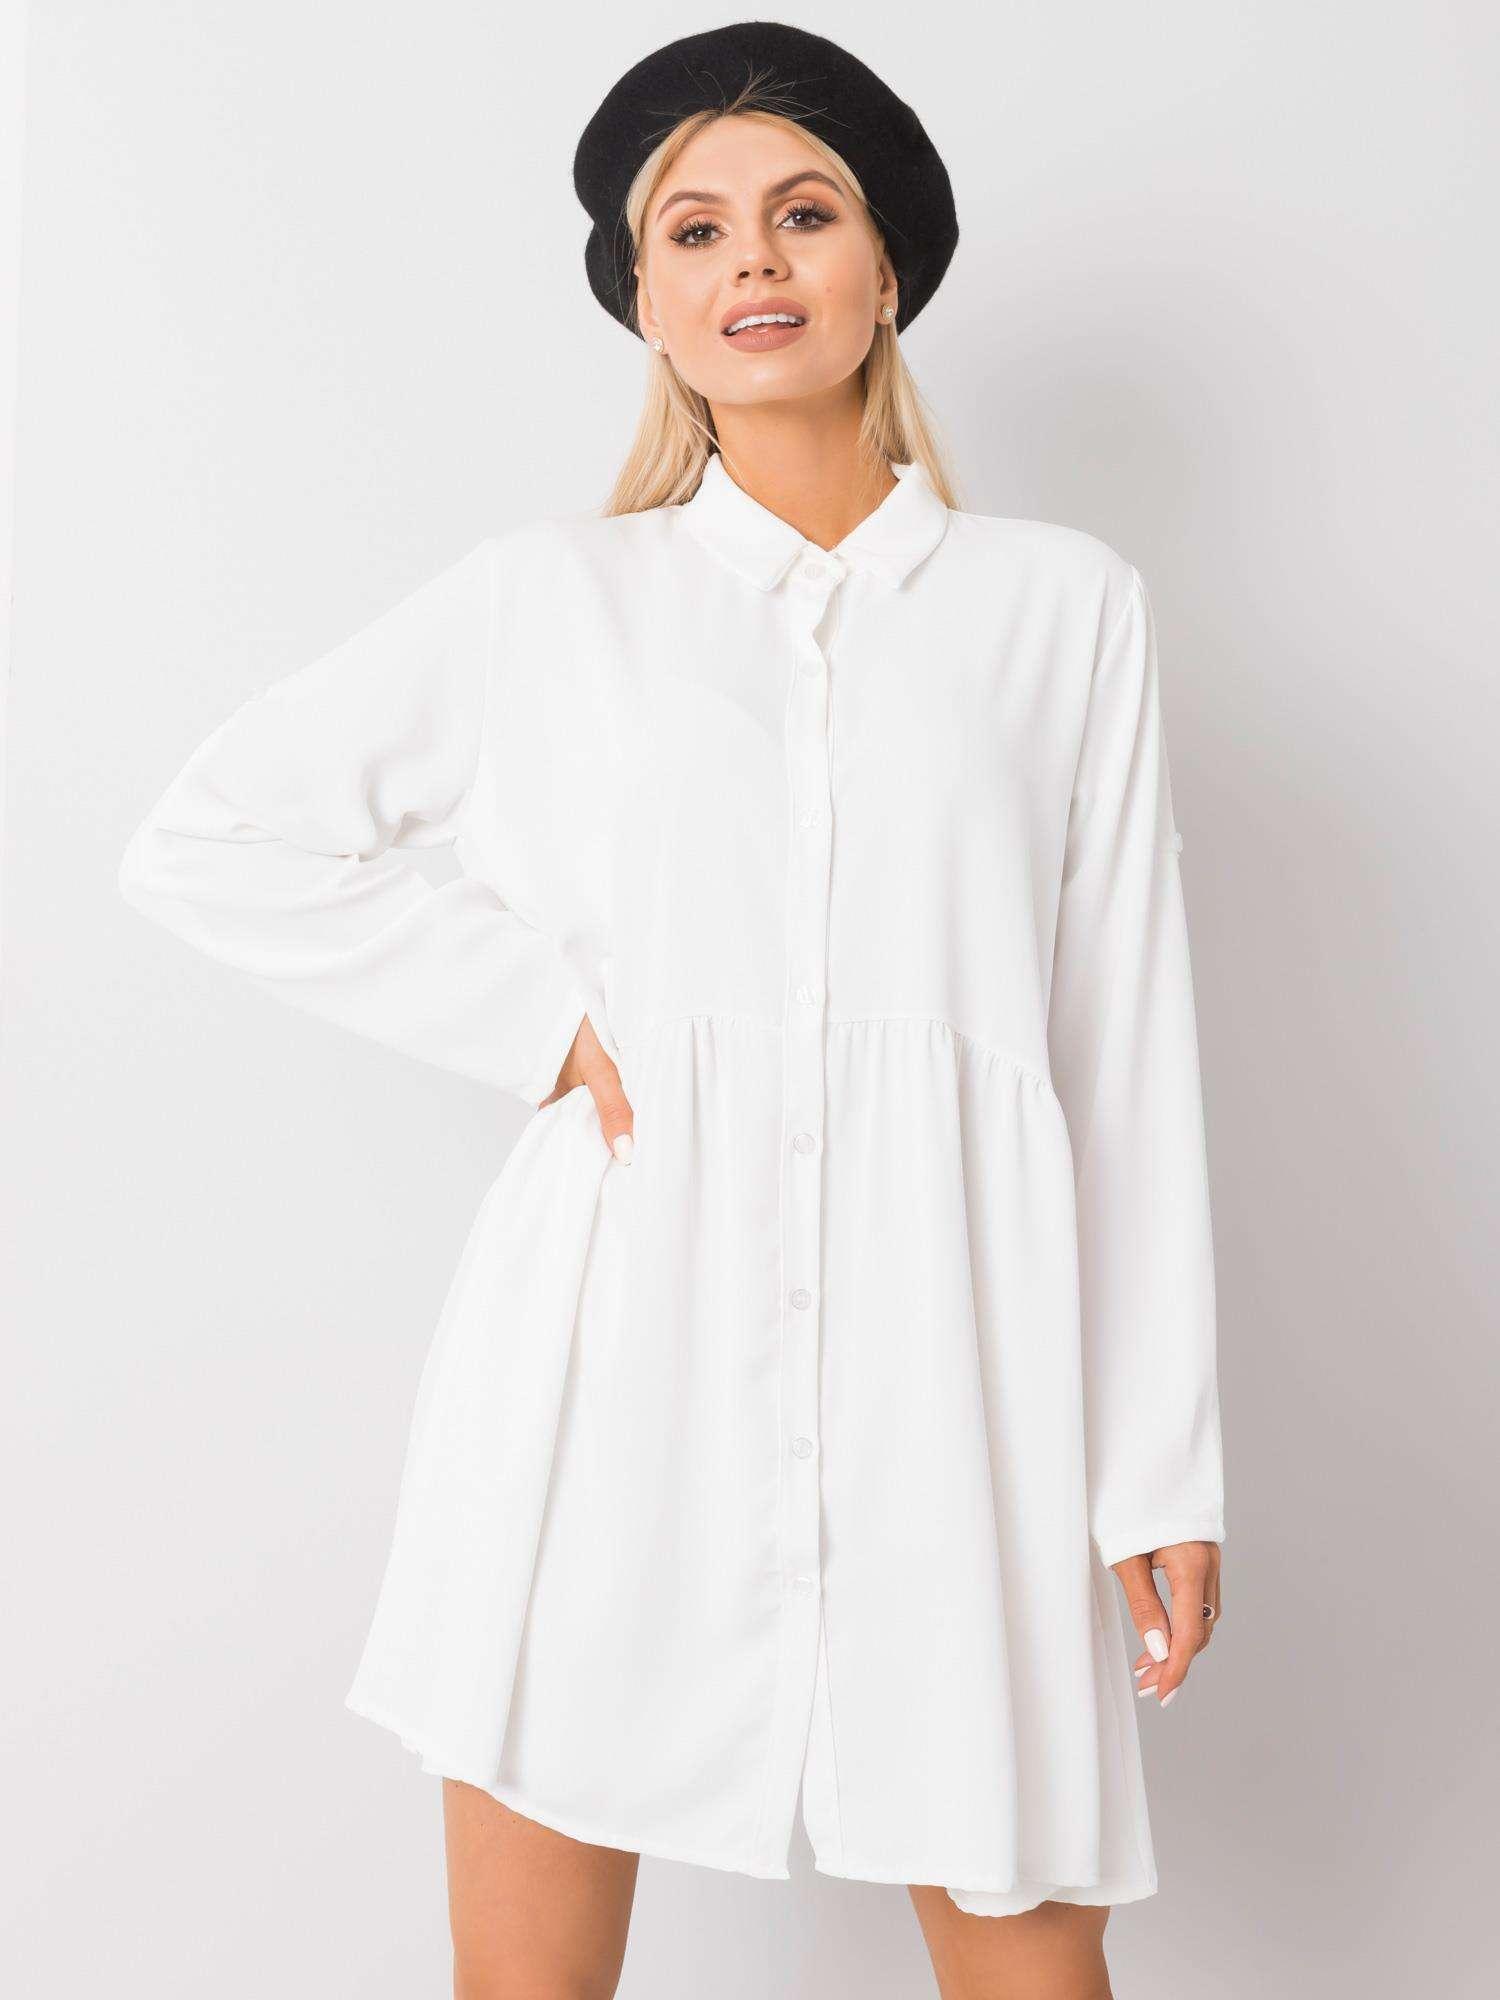 Minikleid in Weiß Vorderansicht